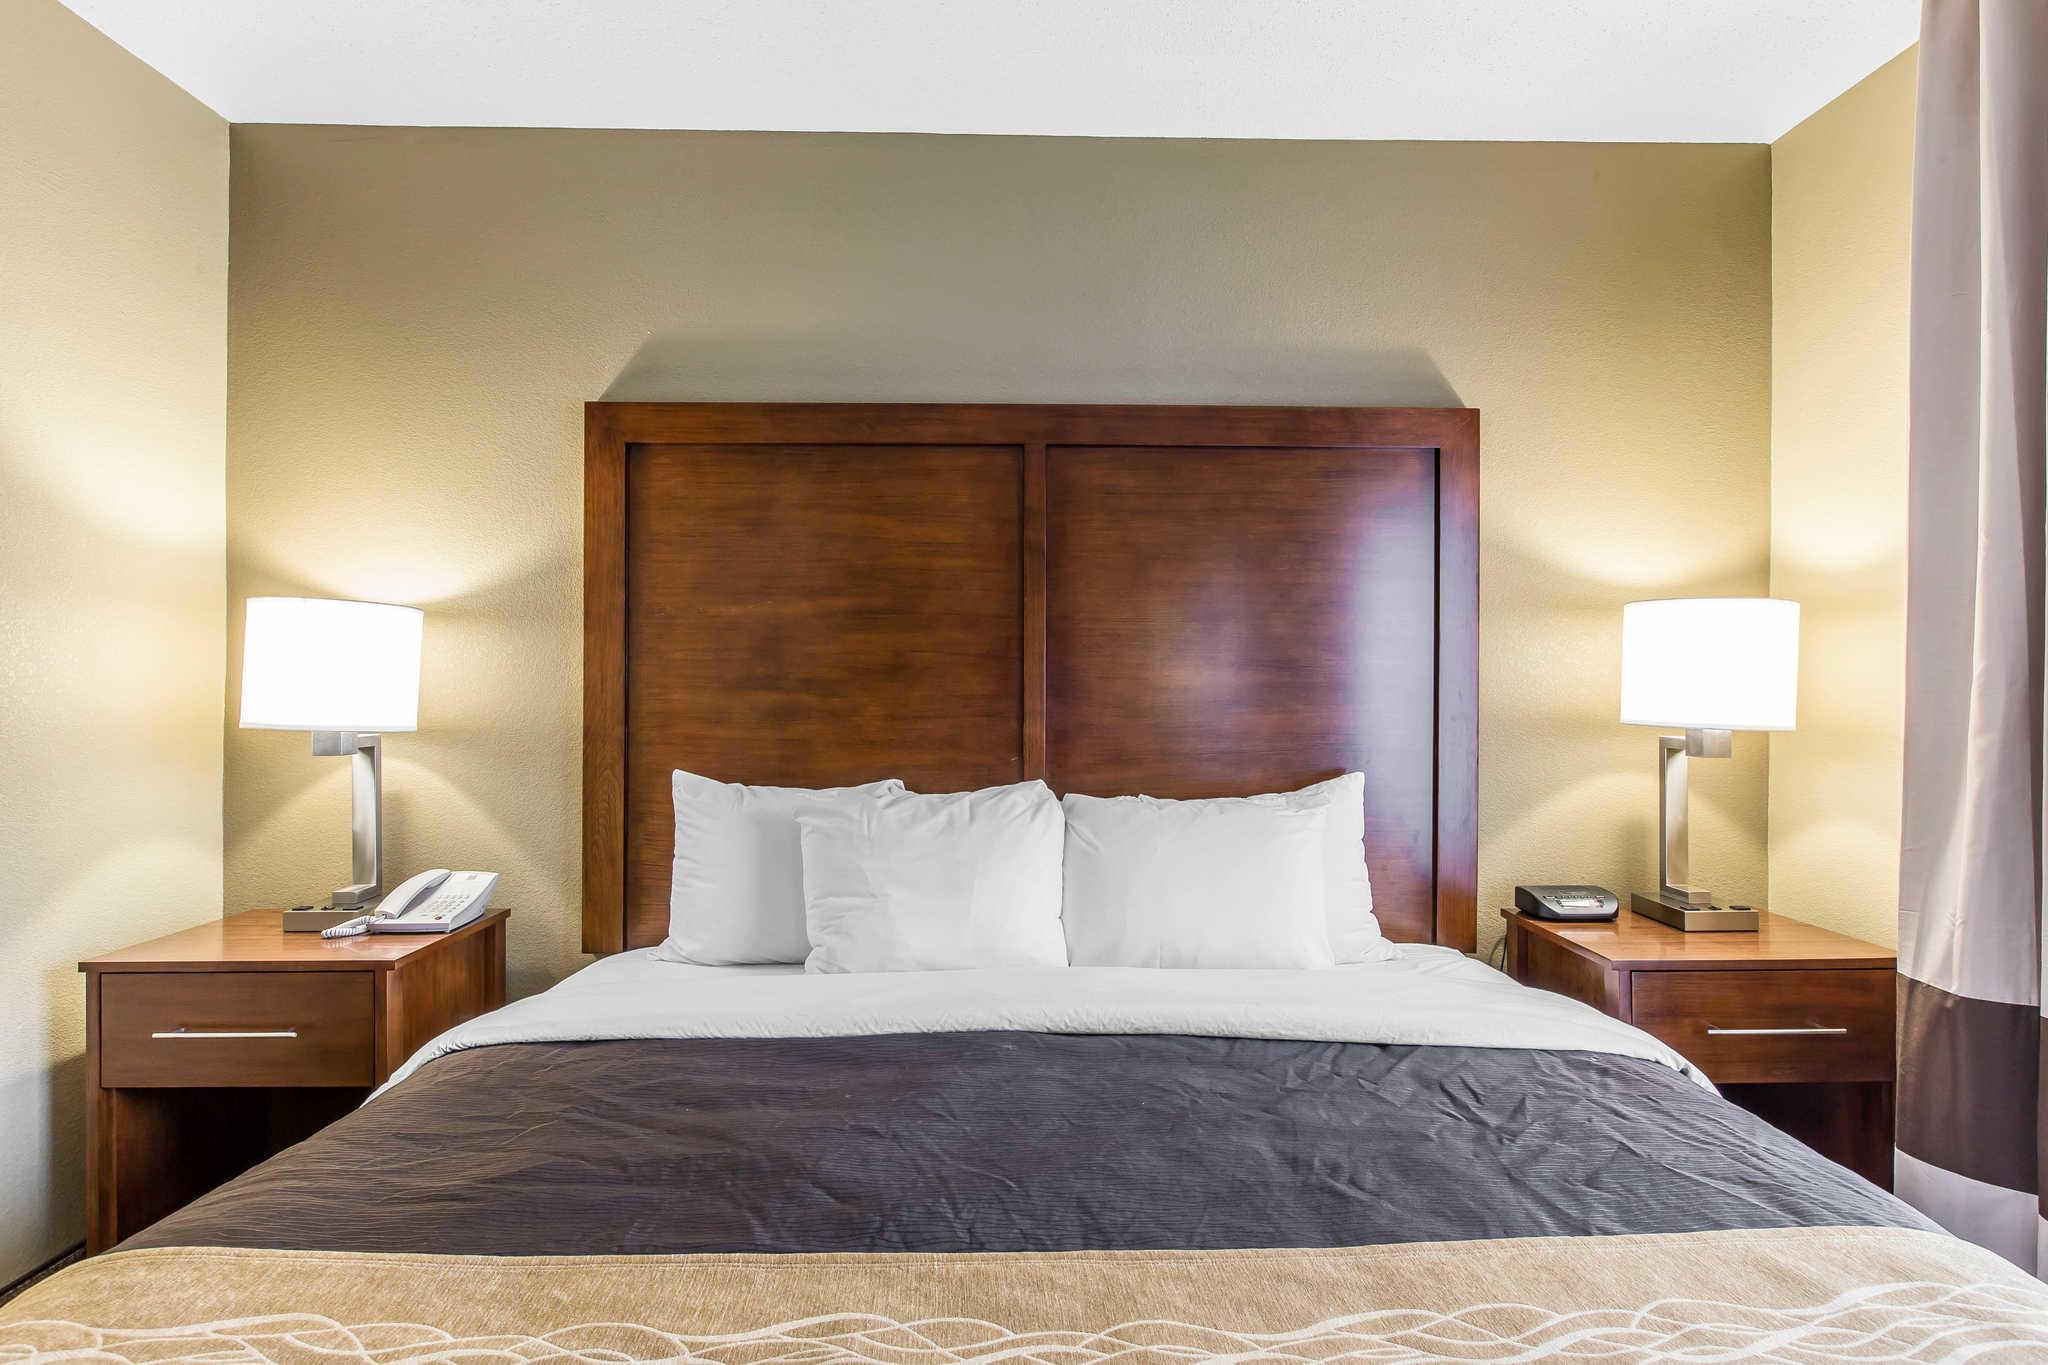 Inspírate con las recomendaciones de otros viajeros. Descubre rincones qué ver, dónde dormir y las mejores actividades en cada destino.